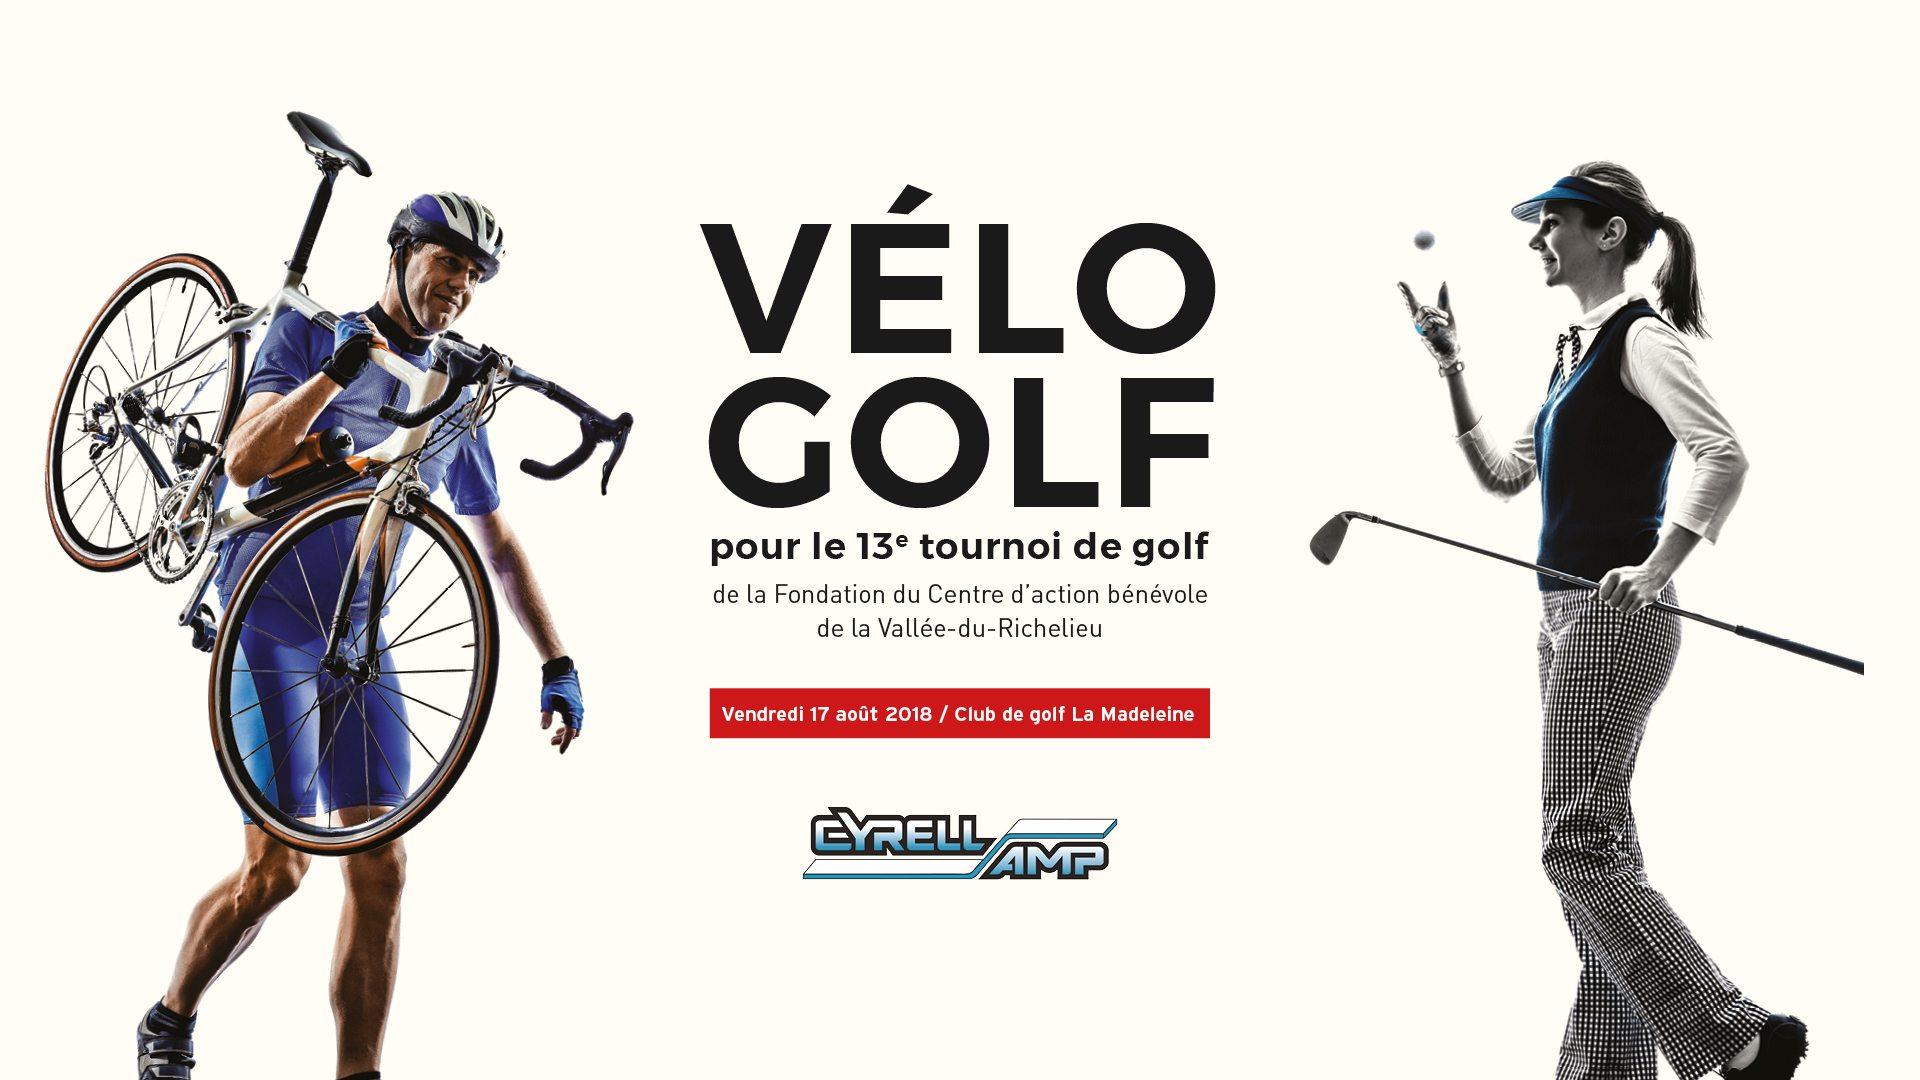 Vélo-Golf – 13e tournoi de golf de la Fondation du CABVR